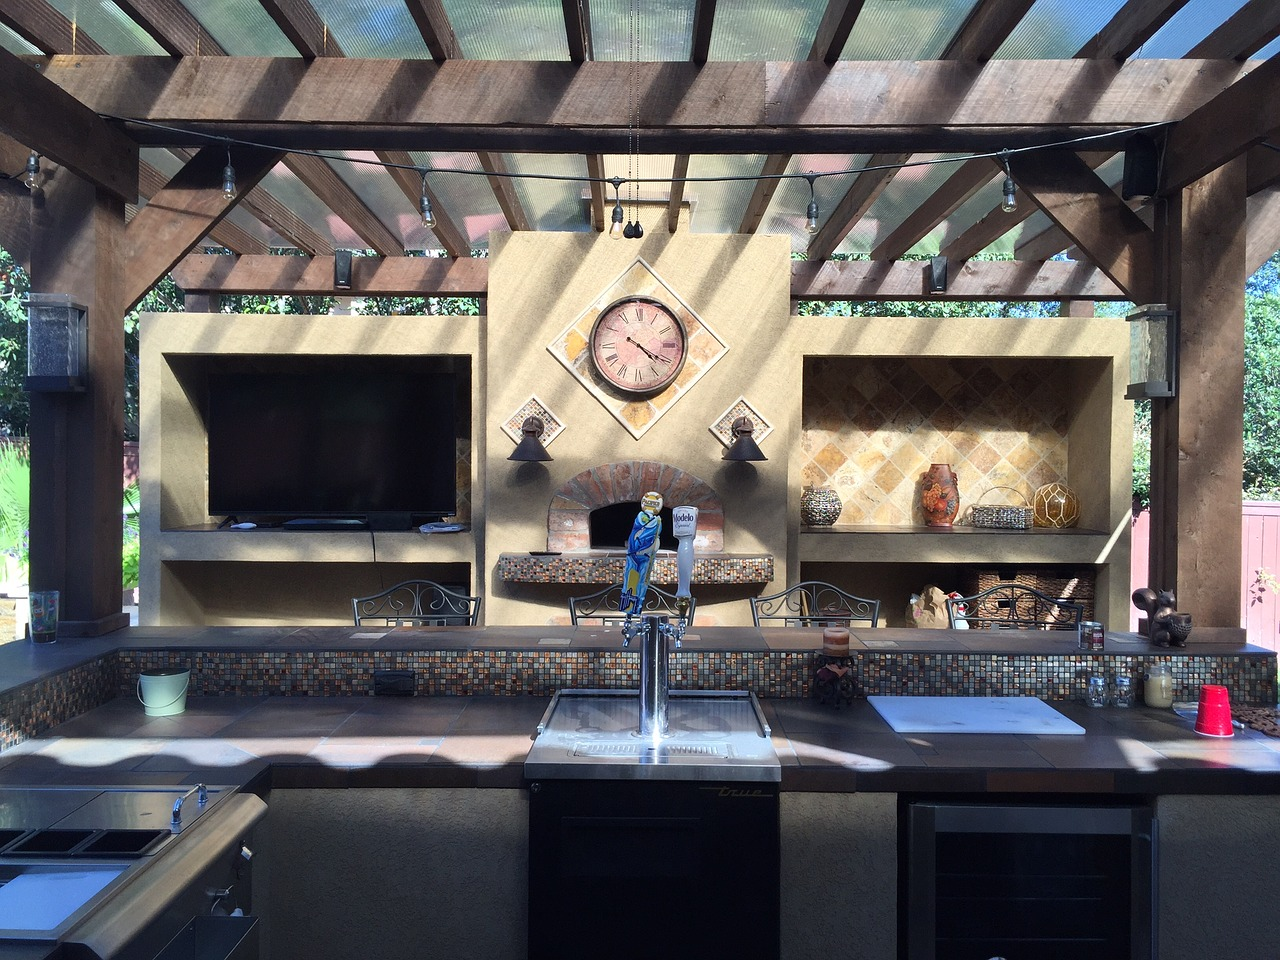 Comment bien aménager sa cuisine d'été?